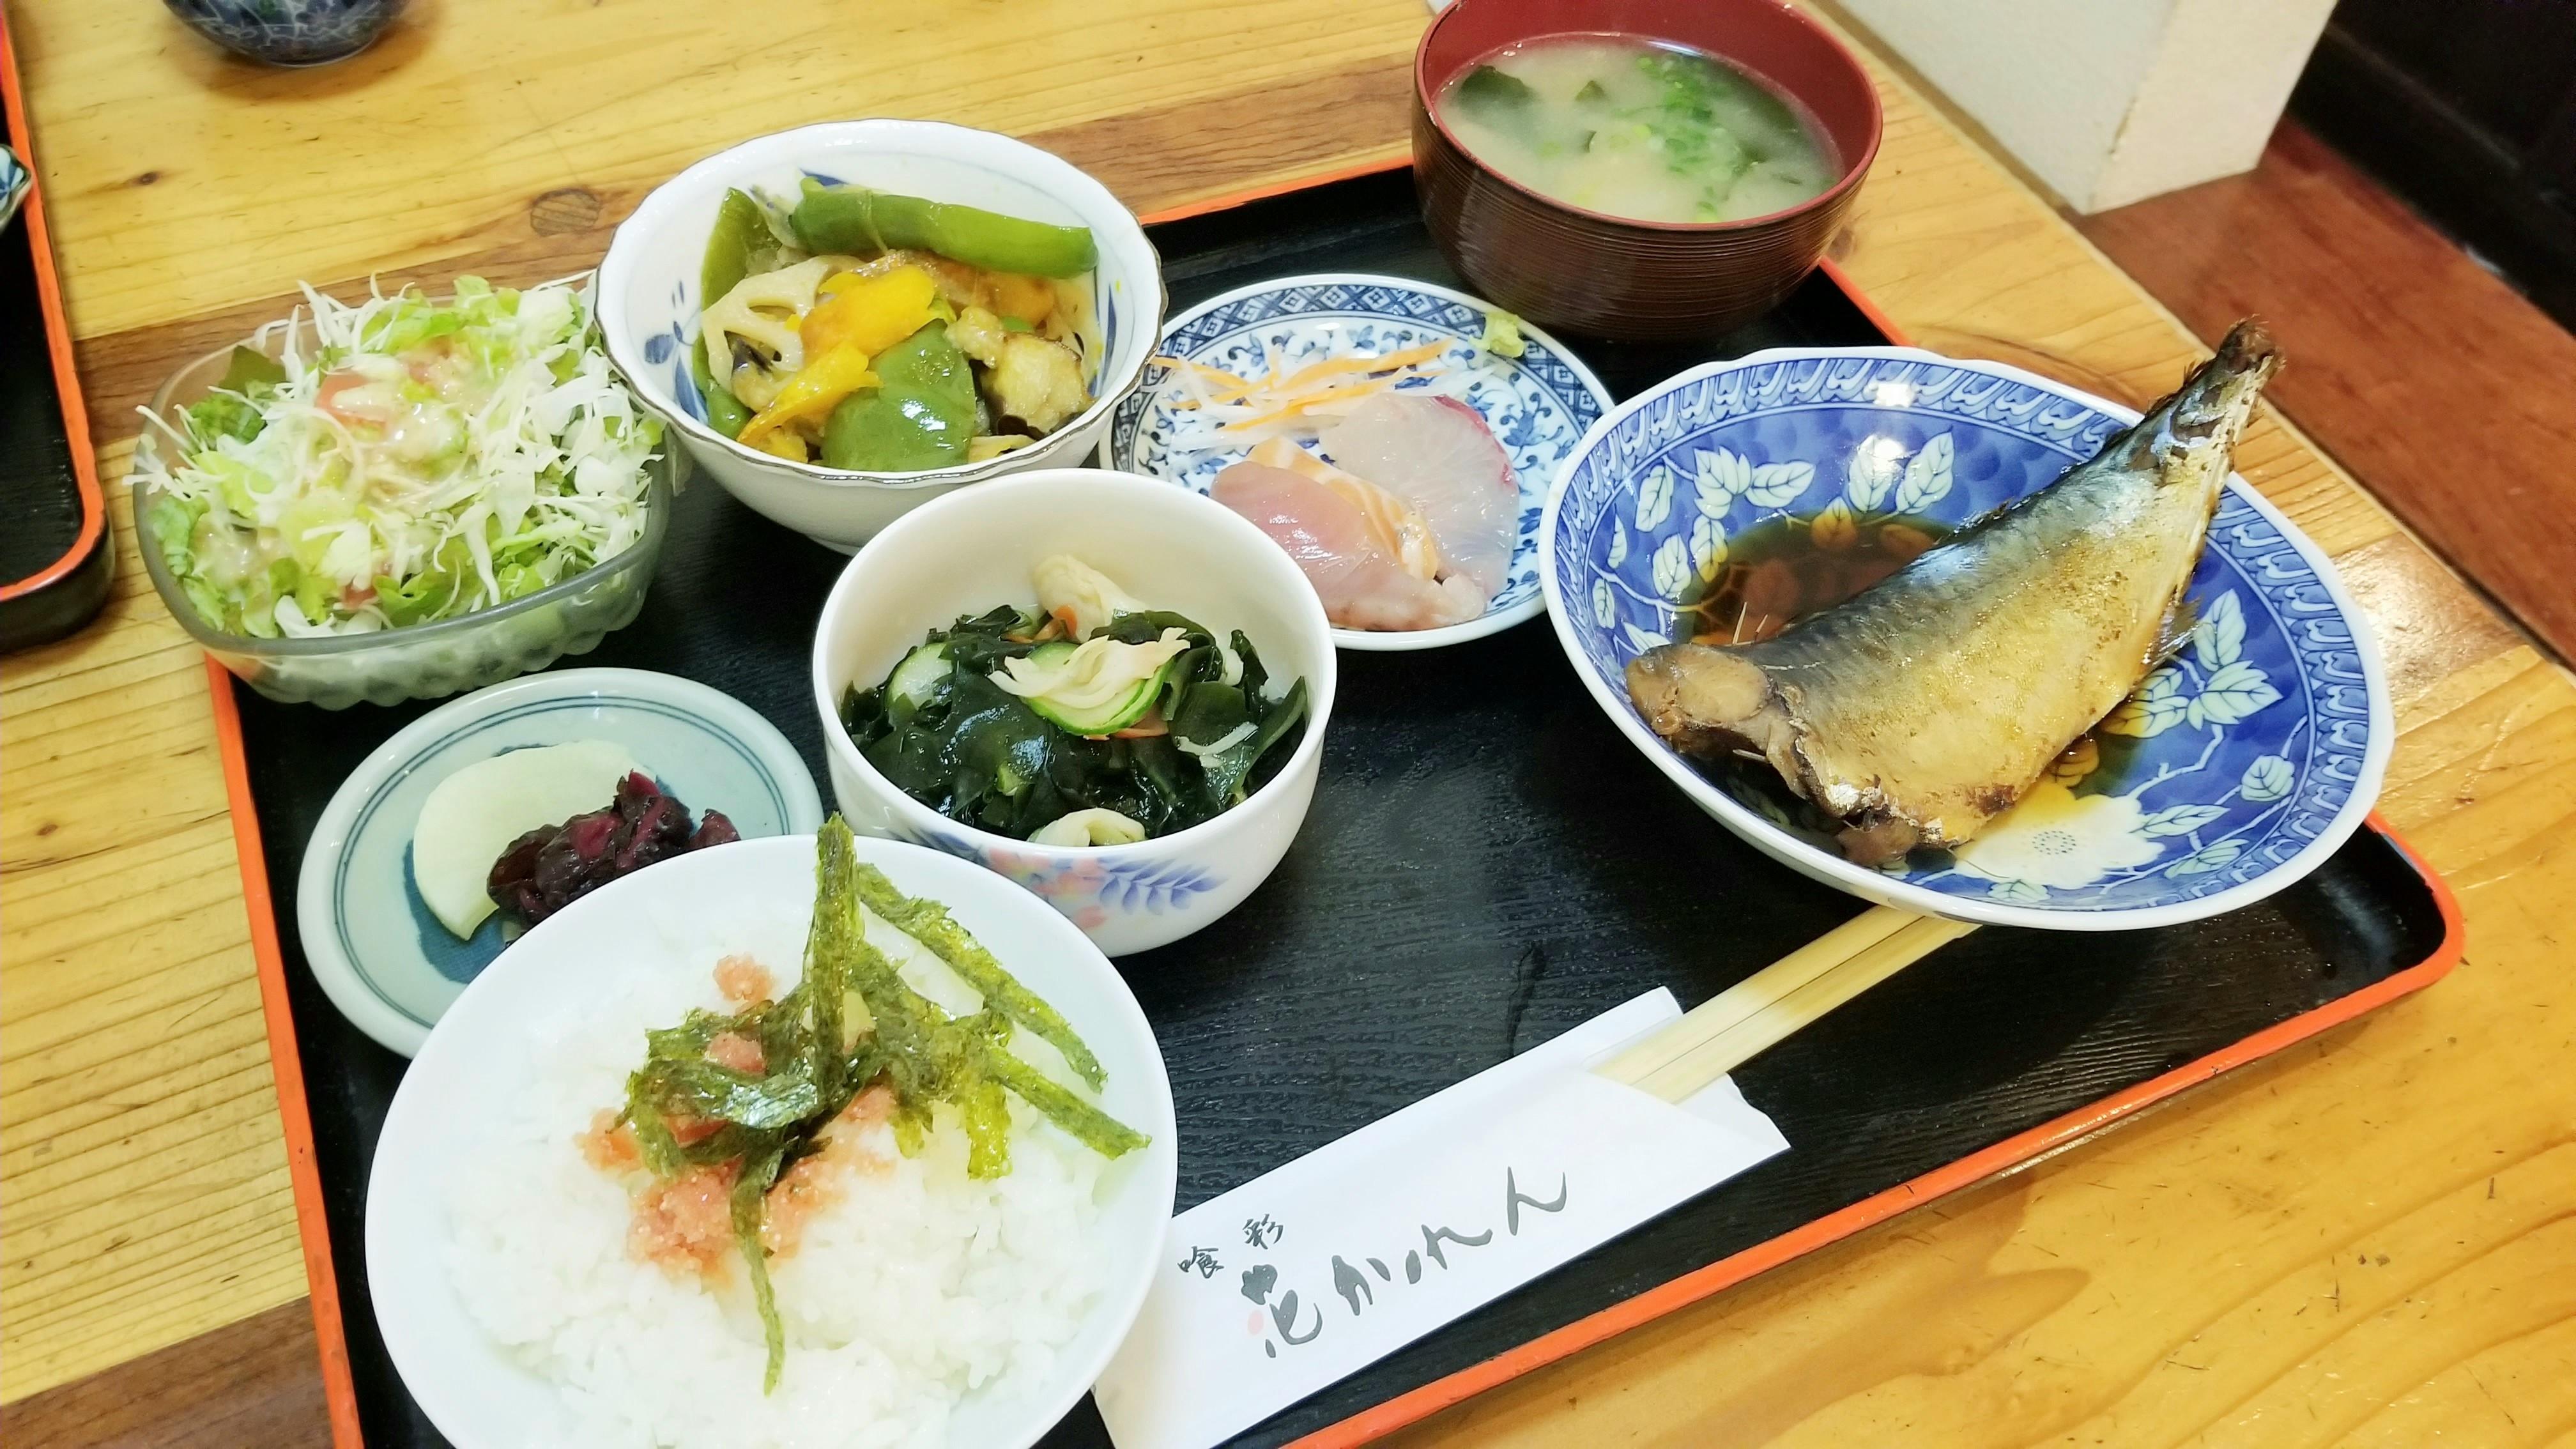 愛媛県松山市おいしいおすすめランチグルメ花かれん美沢穴場安い人気